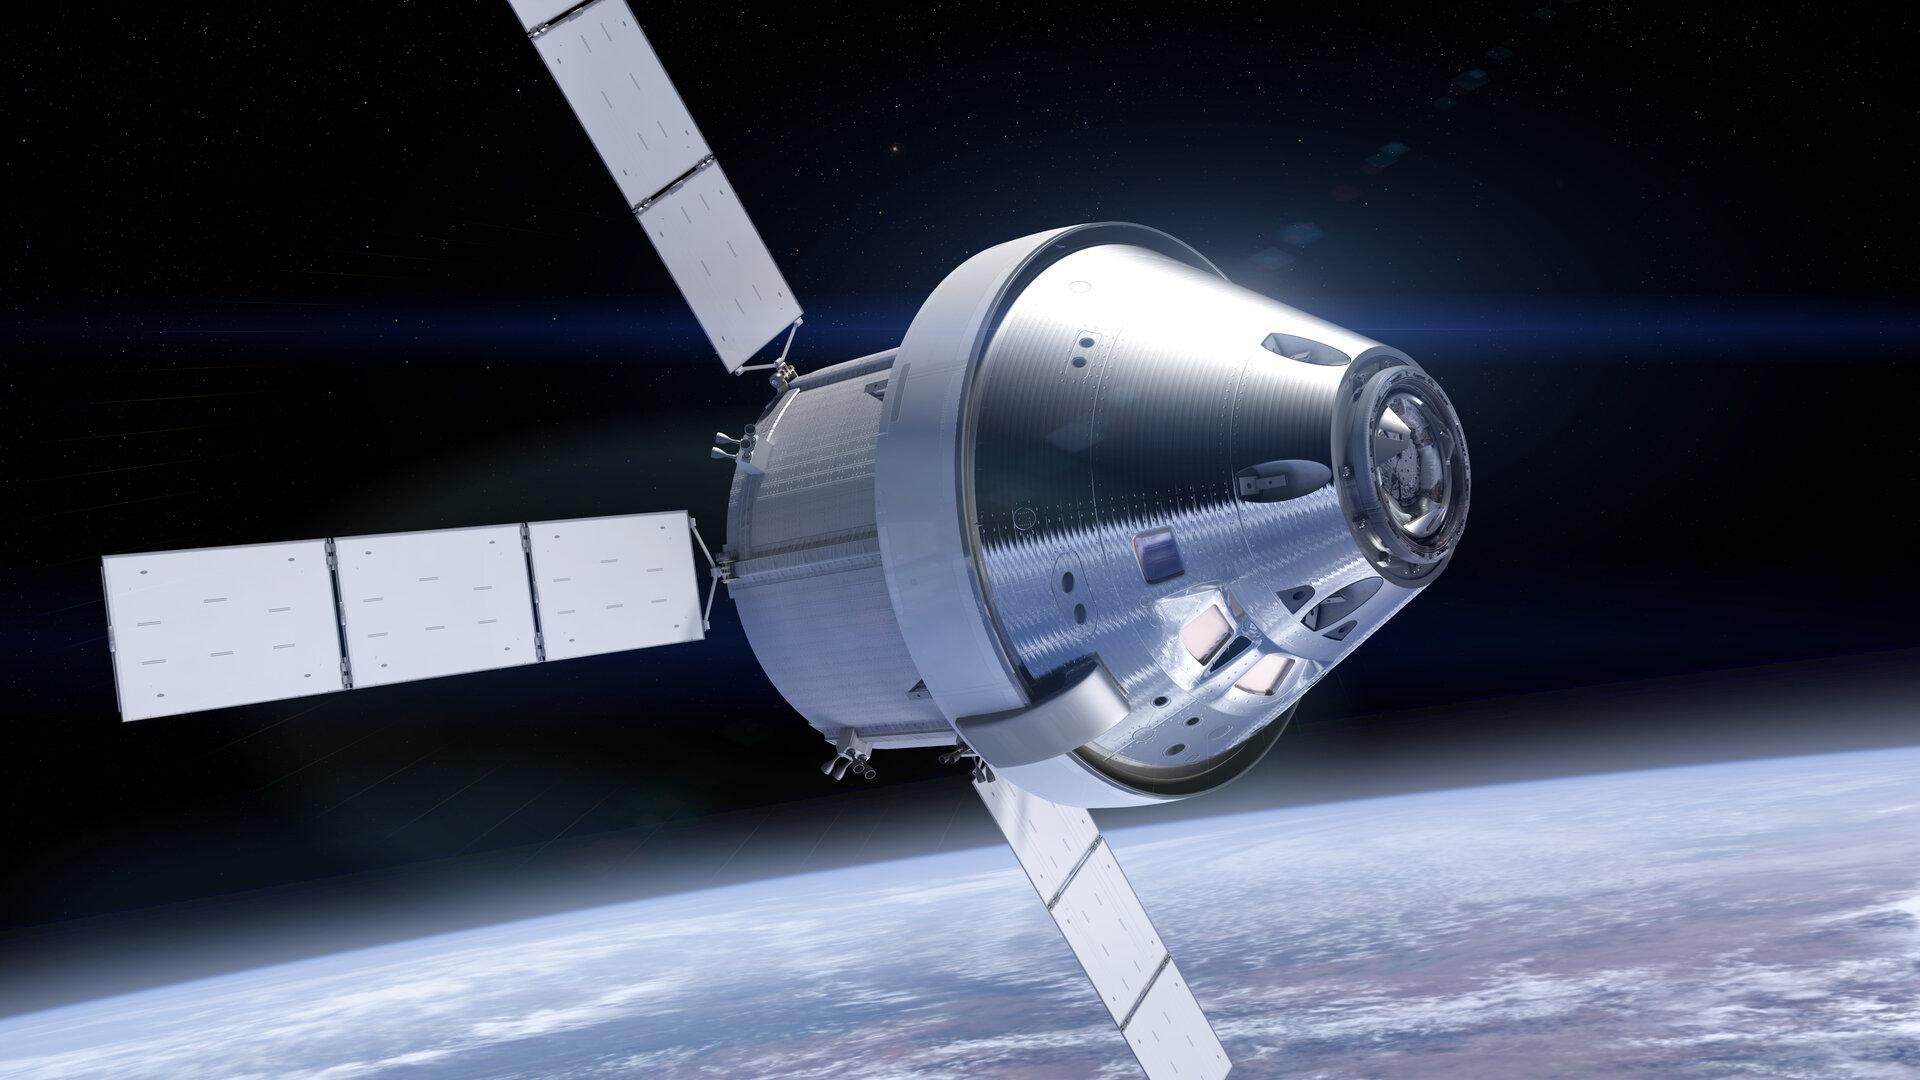 Китайская отправил ракету наЛуну